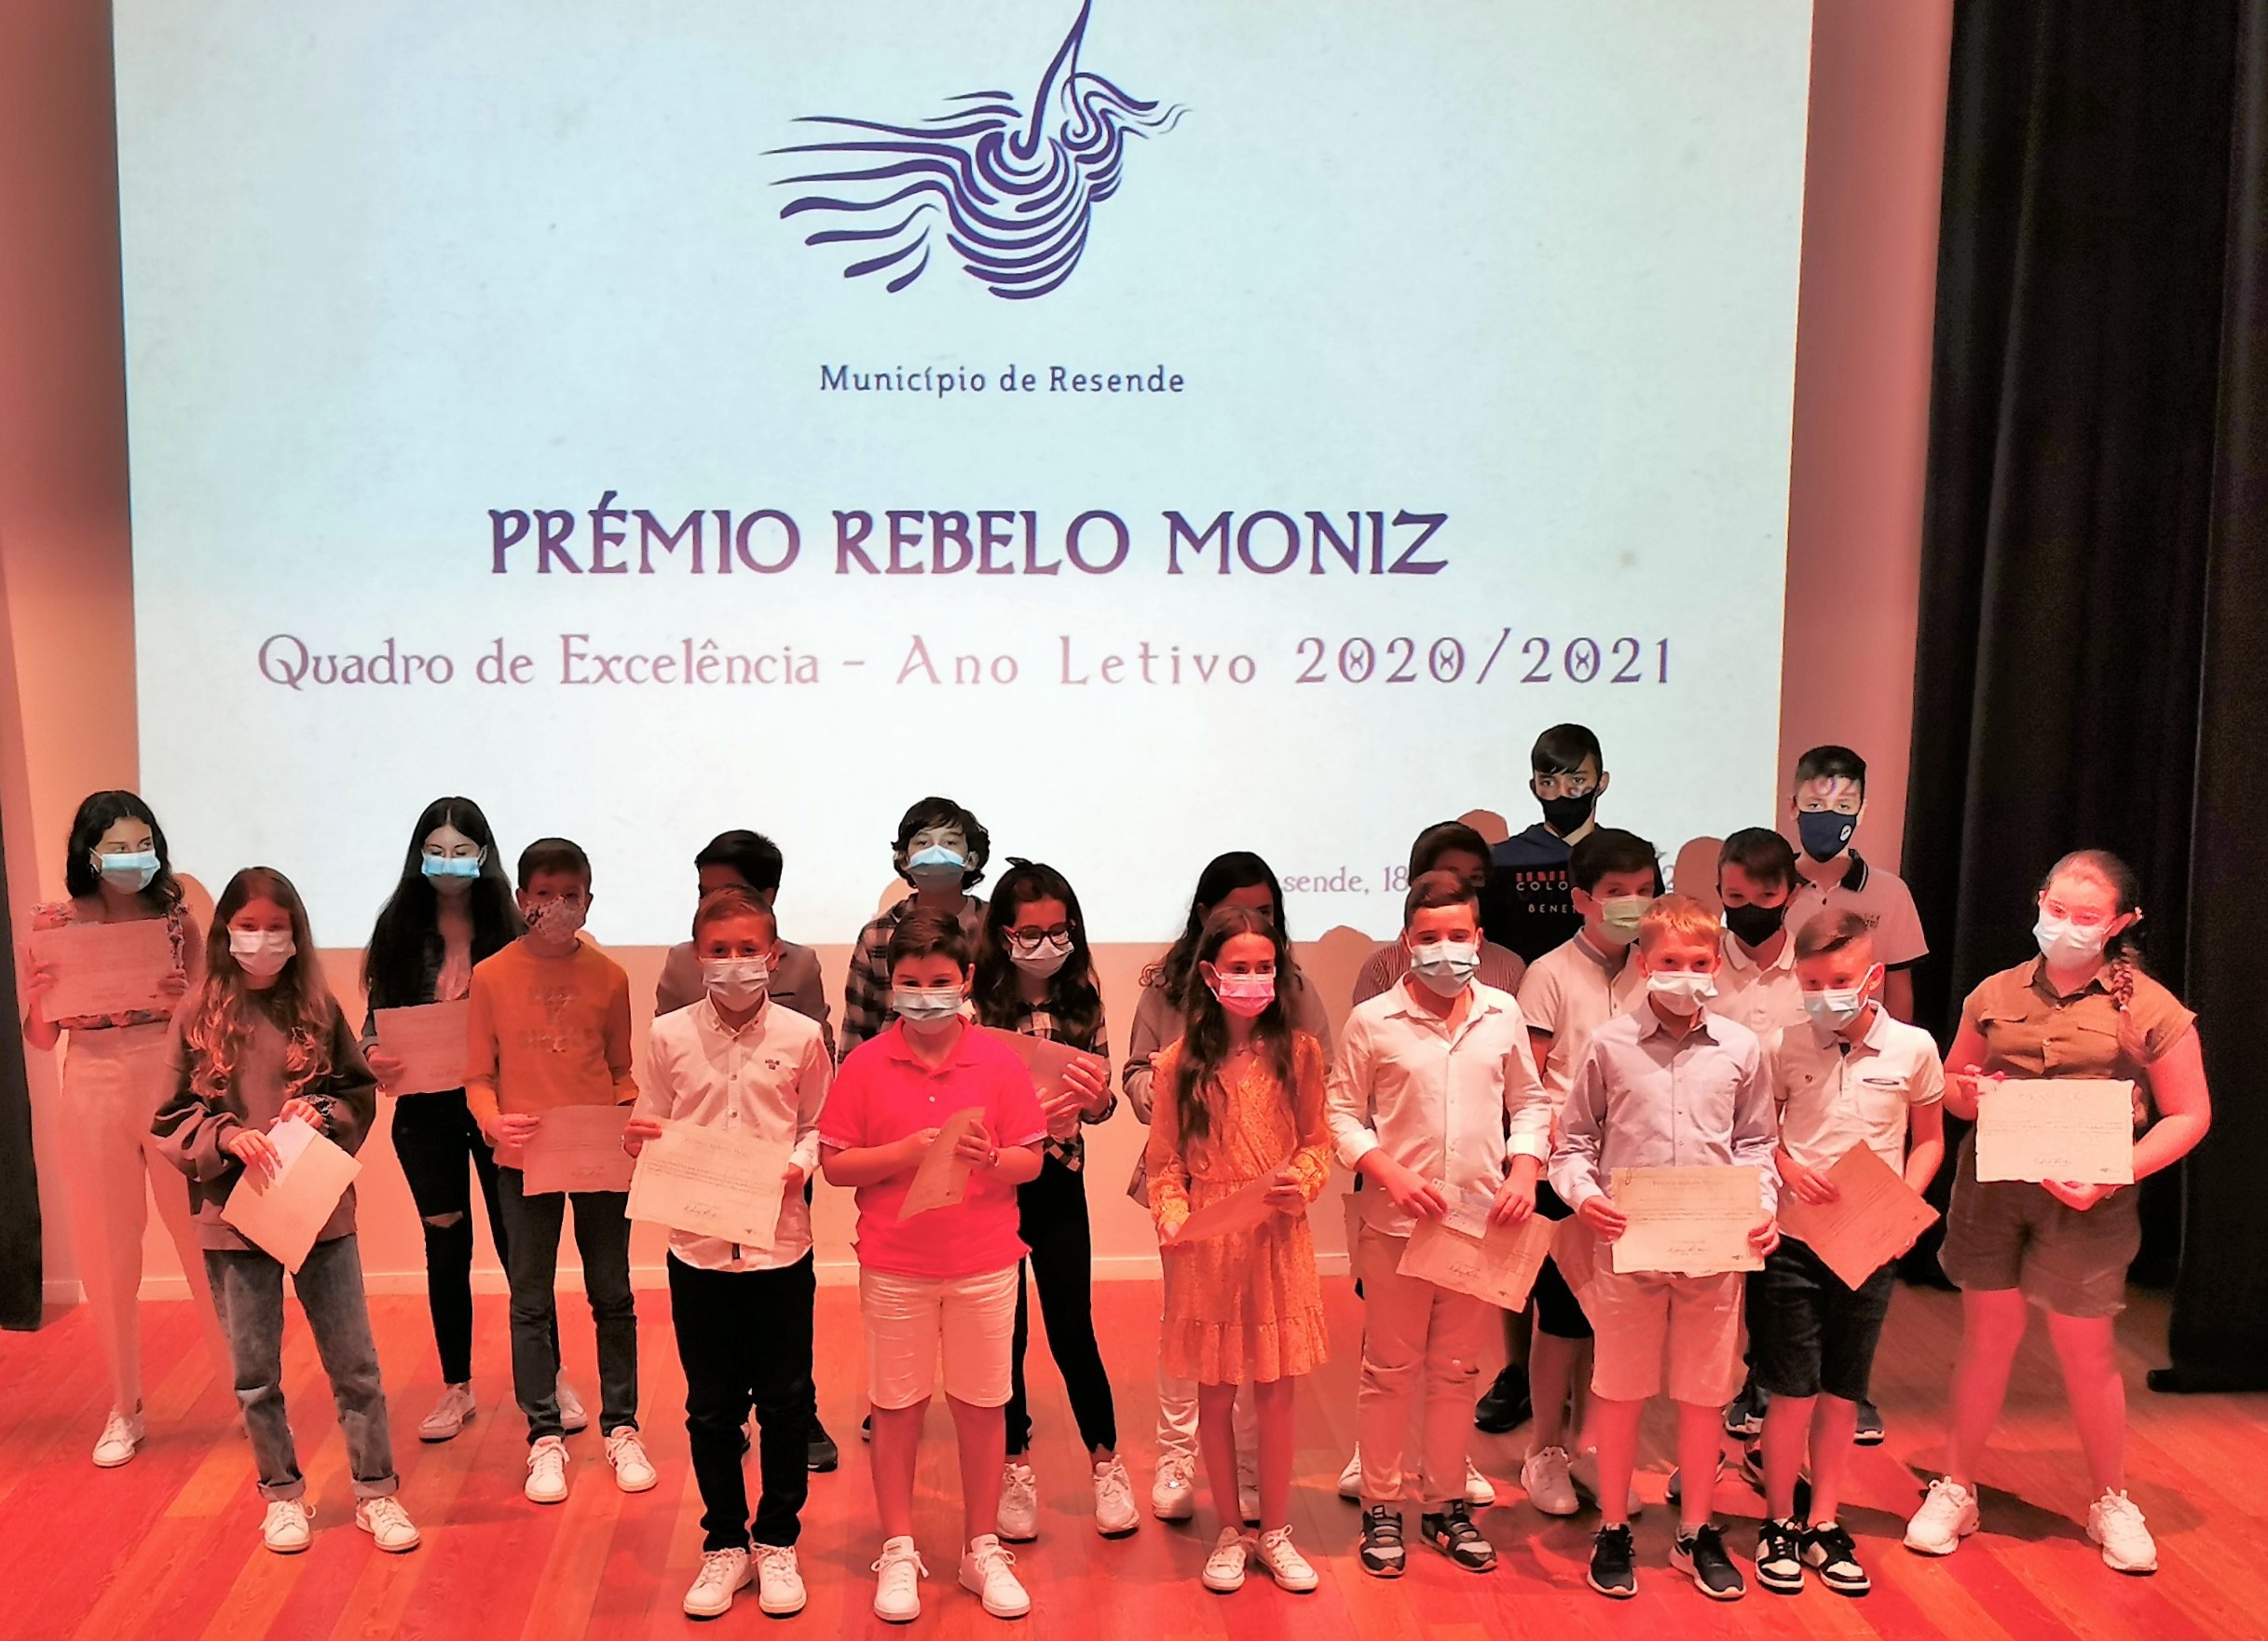 2021-09-22 - Prémio Rebelo Moniz I